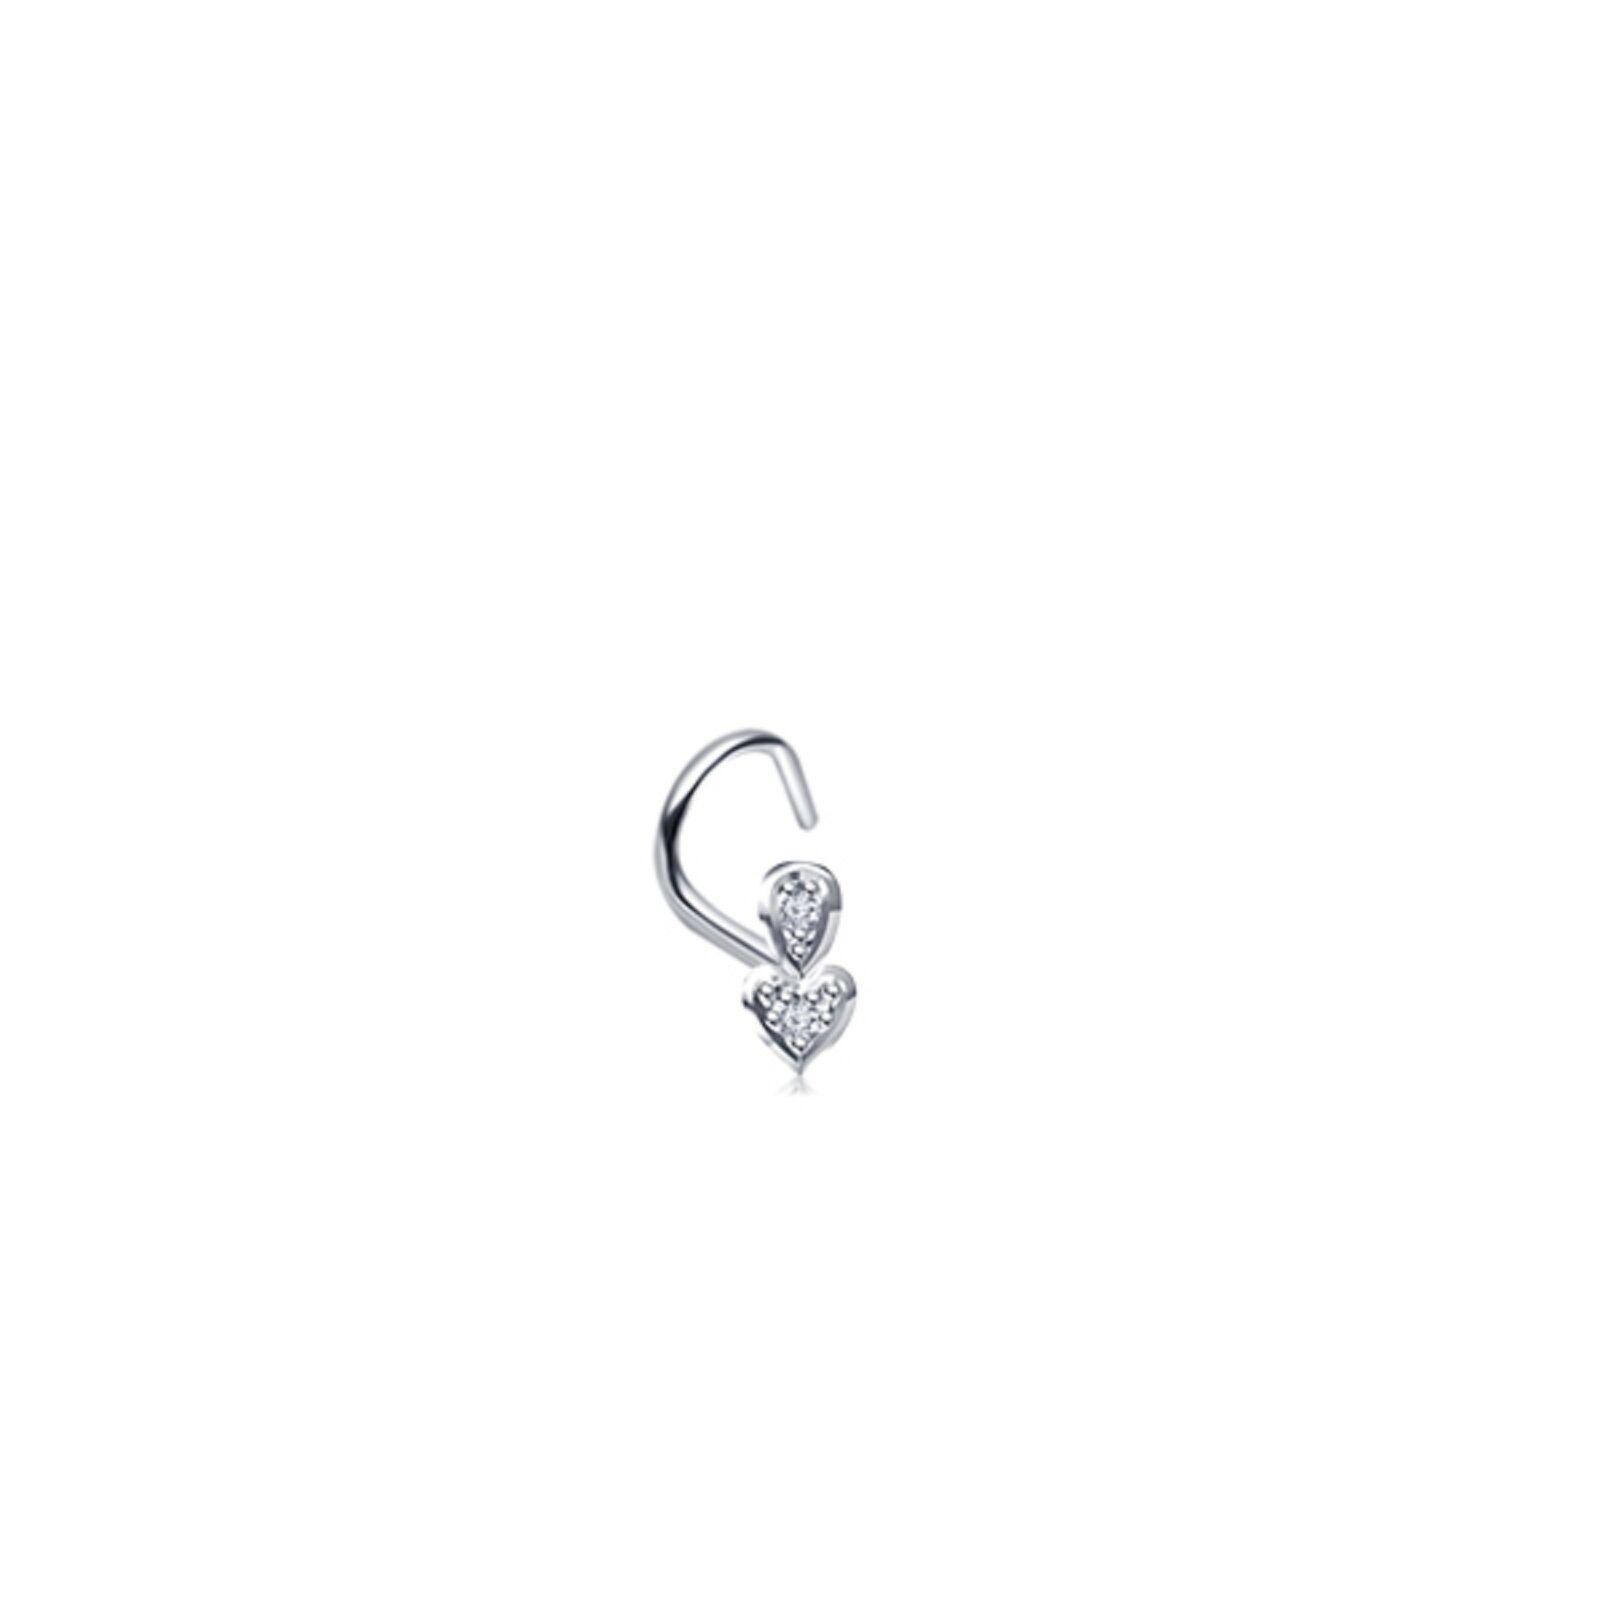 Black Titanium Bent L Shape Nose Ring Stud Hoop Daisys Flowers 18 gauge 18g